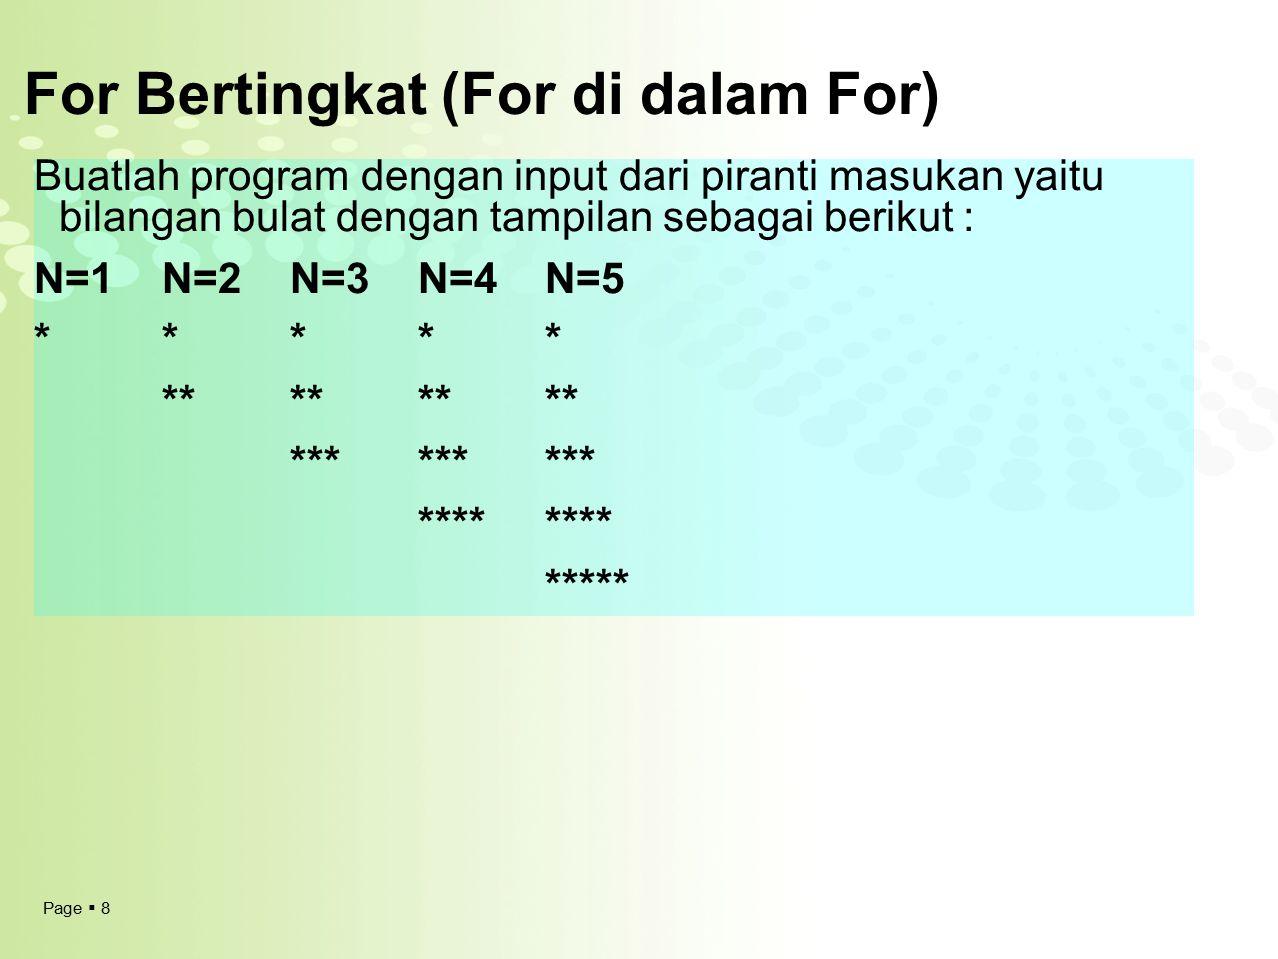 Page  8 For Bertingkat (For di dalam For) Buatlah program dengan input dari piranti masukan yaitu bilangan bulat dengan tampilan sebagai berikut : N=